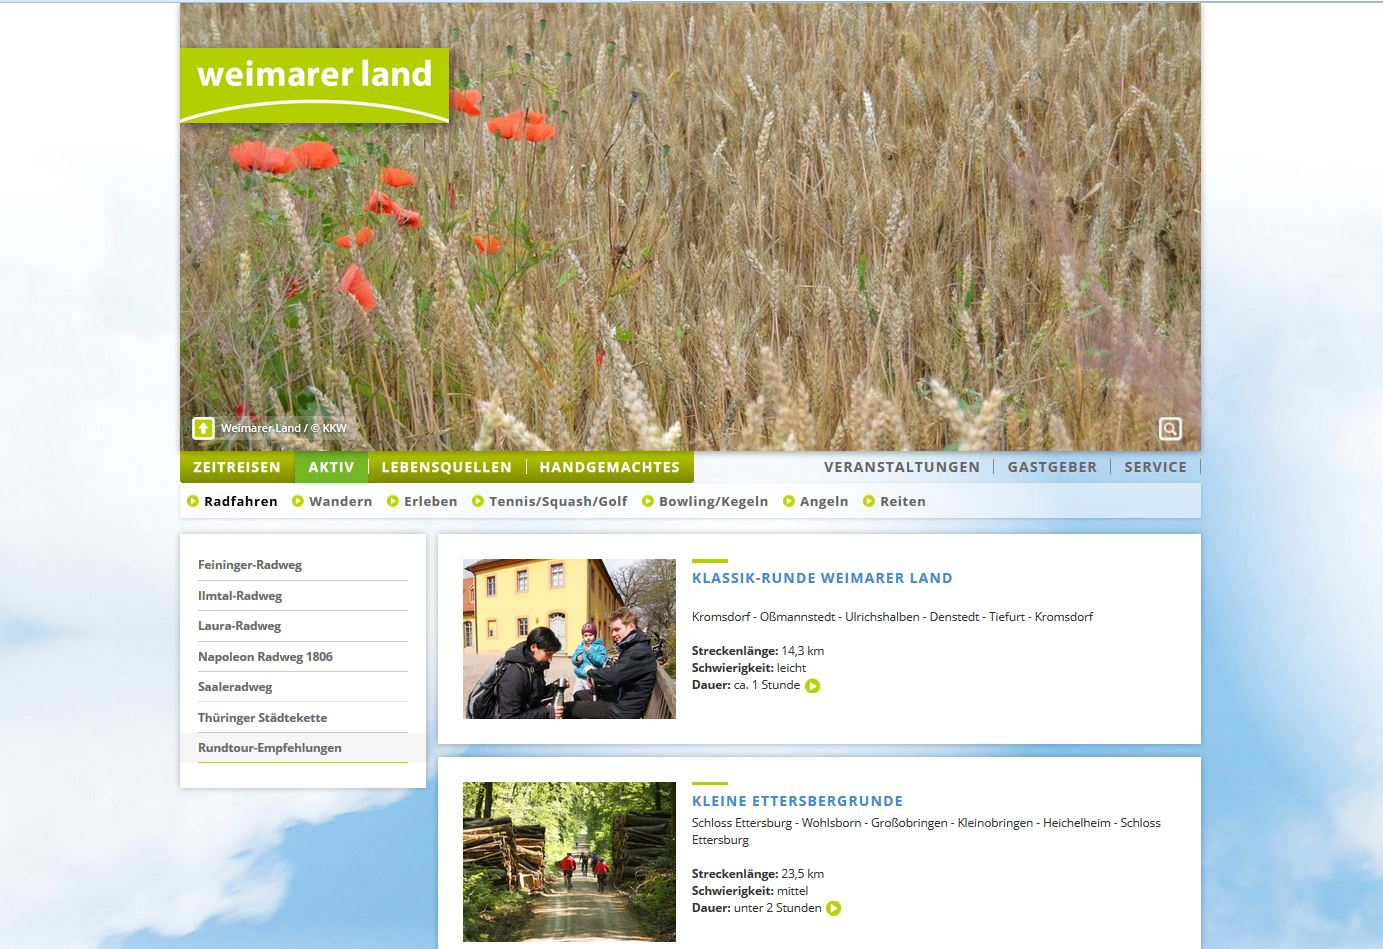 Internetseite Weimarer Land Tourismus e.V. - Radrundenempfehlungen, Weimarer Land Tourismus e.V.